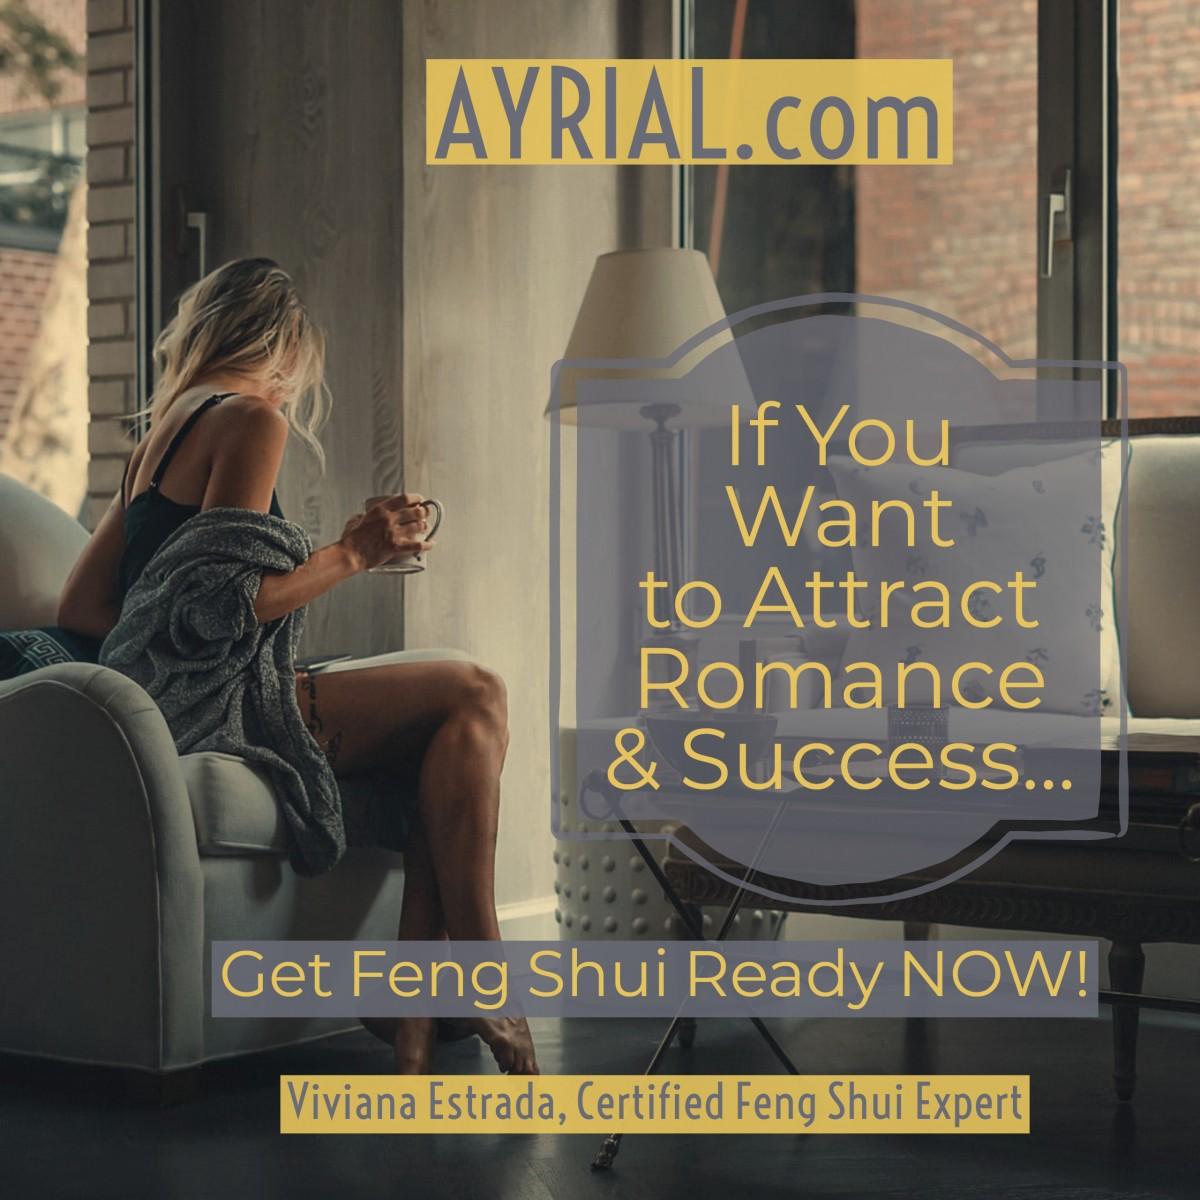 feng shui ready 2019 viviana estrada AYRIAL